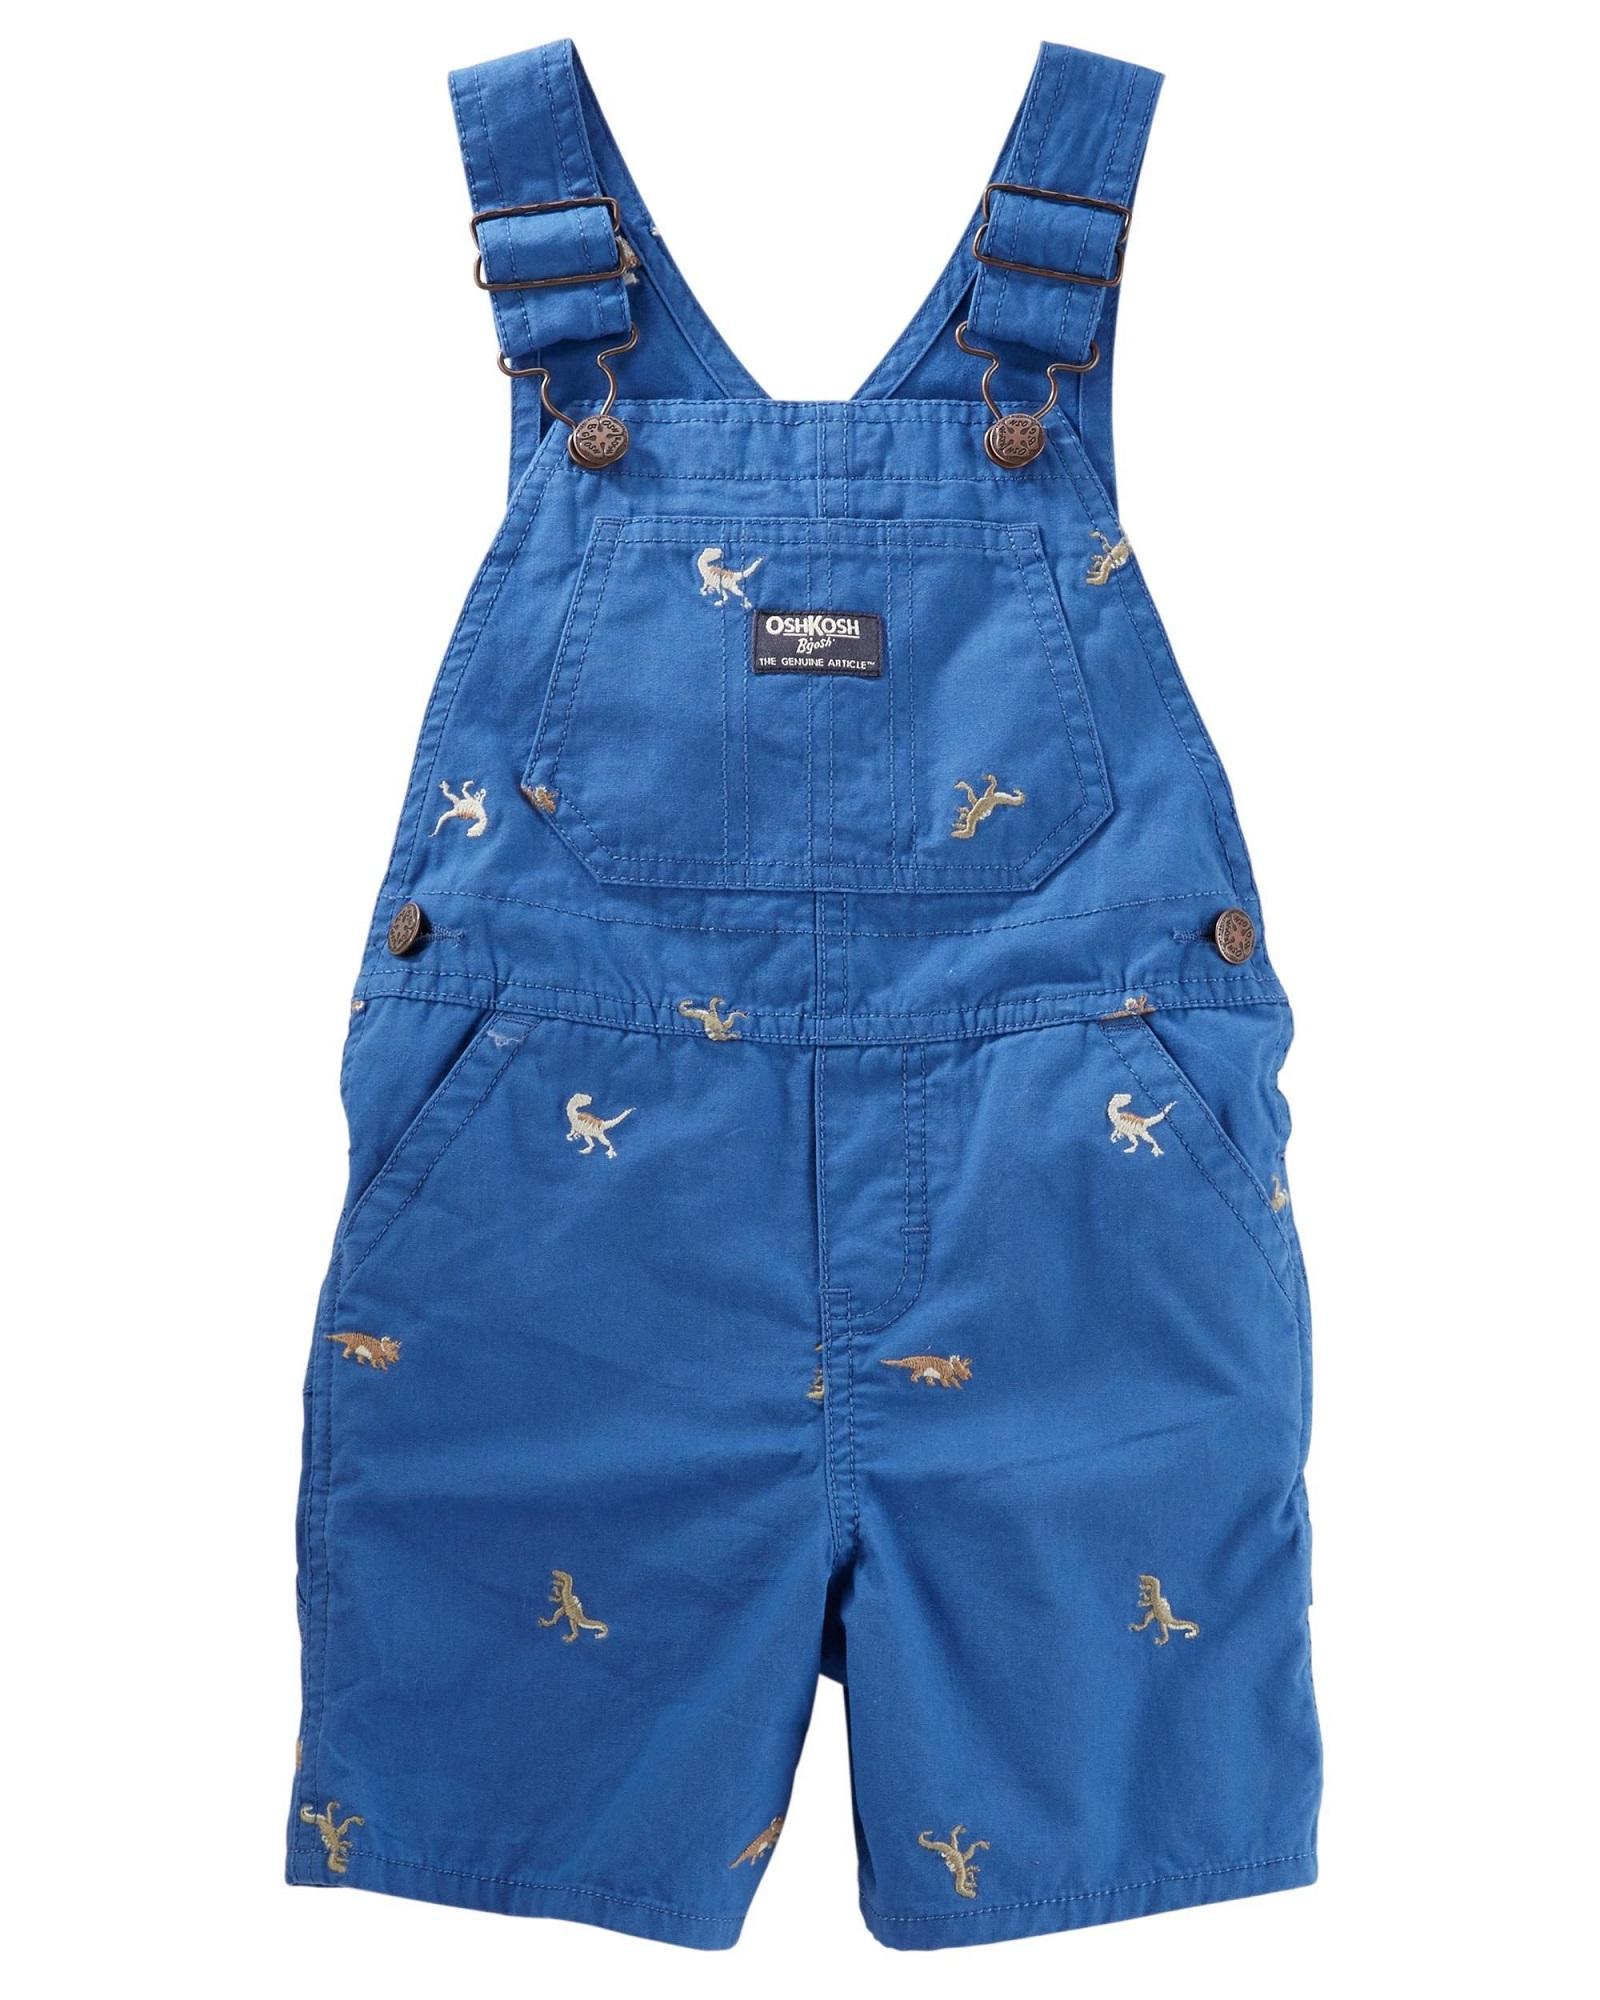 f464352968e25f OKBY039 New Baby Toddler Boys Oshkosh B'Gosh Khaki Overalls Dinosaur  Schiffli